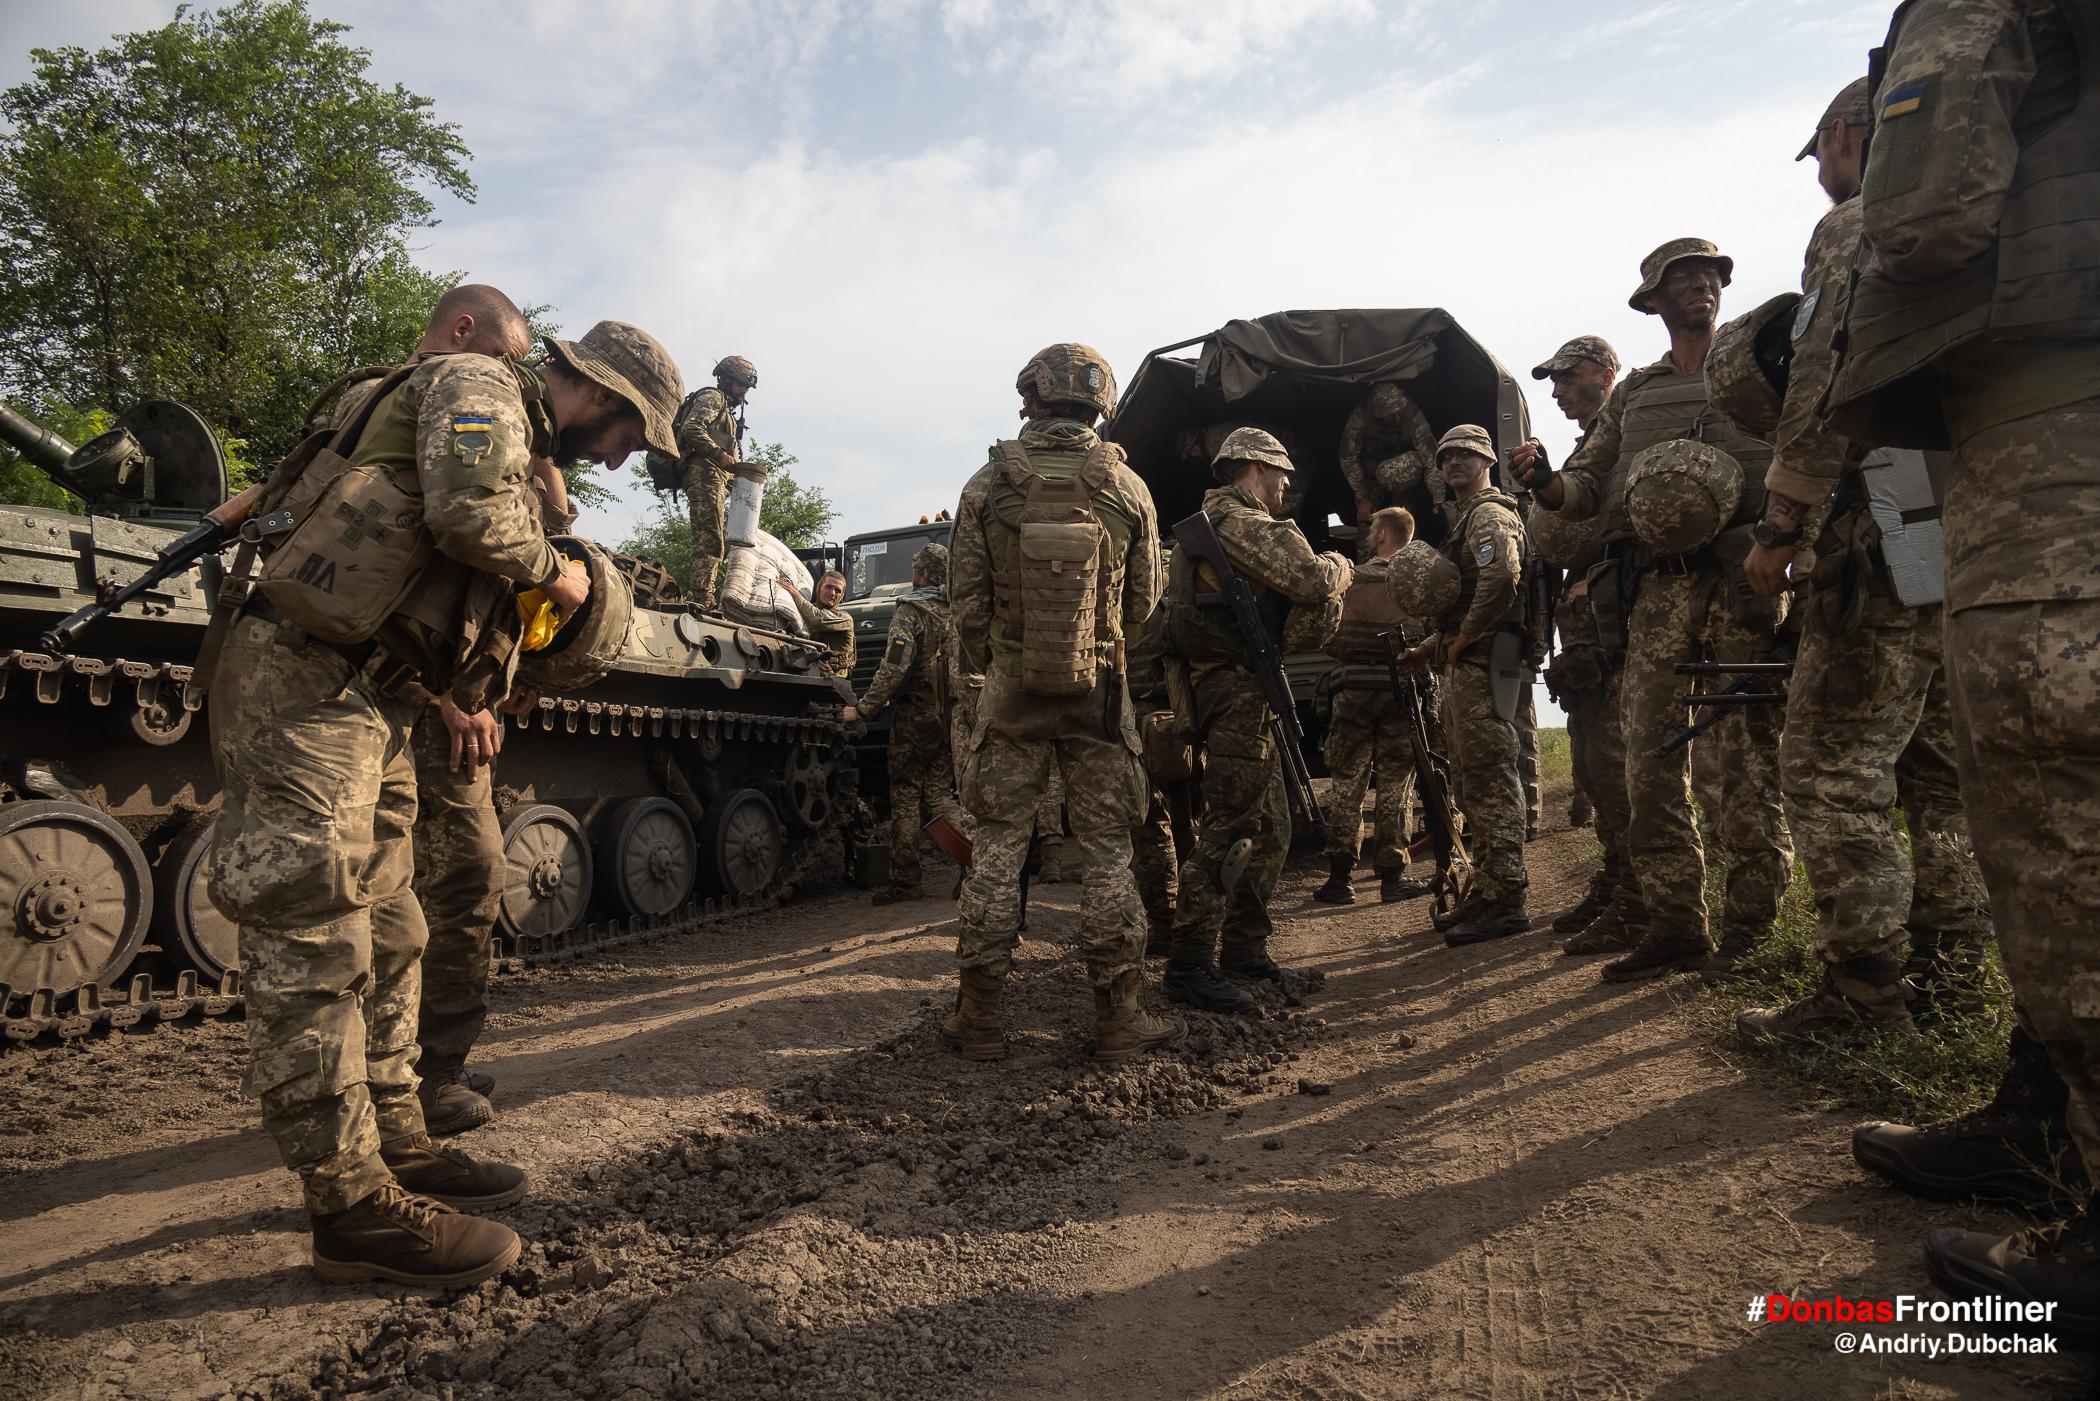 Матроси вантажаться у машину. Бойове тренування 503-го батальйону морської піхоти на Приазов'ї, липень 2021 року